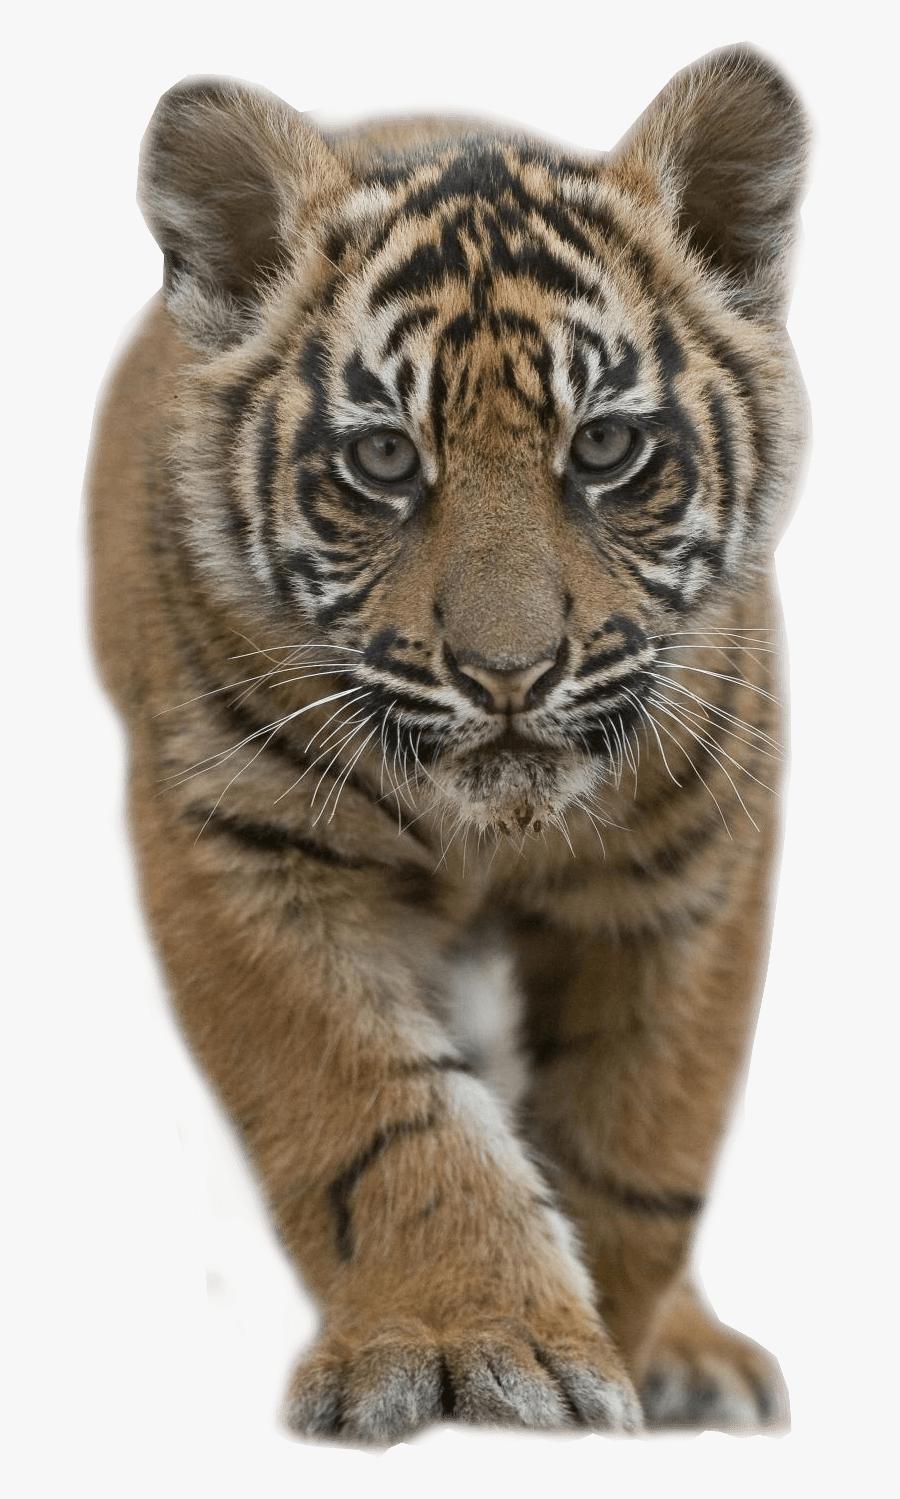 Baby Tiger - Transparent Tiger Cub Png, Transparent Clipart